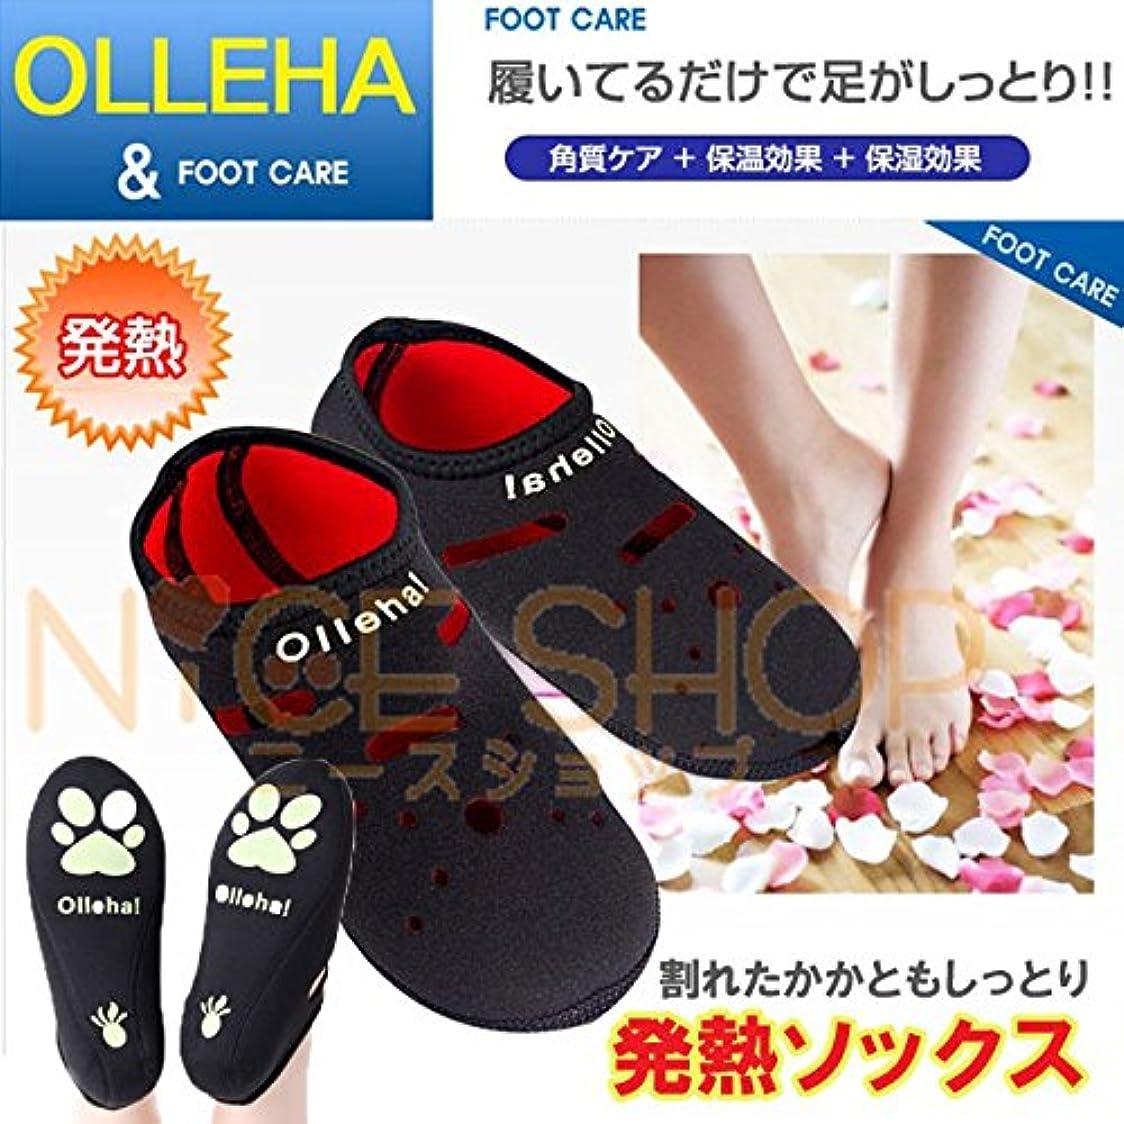 発熱靴下(足袋)発熱ソックス、フットケアー Olleha! (S(22.0~23.0))